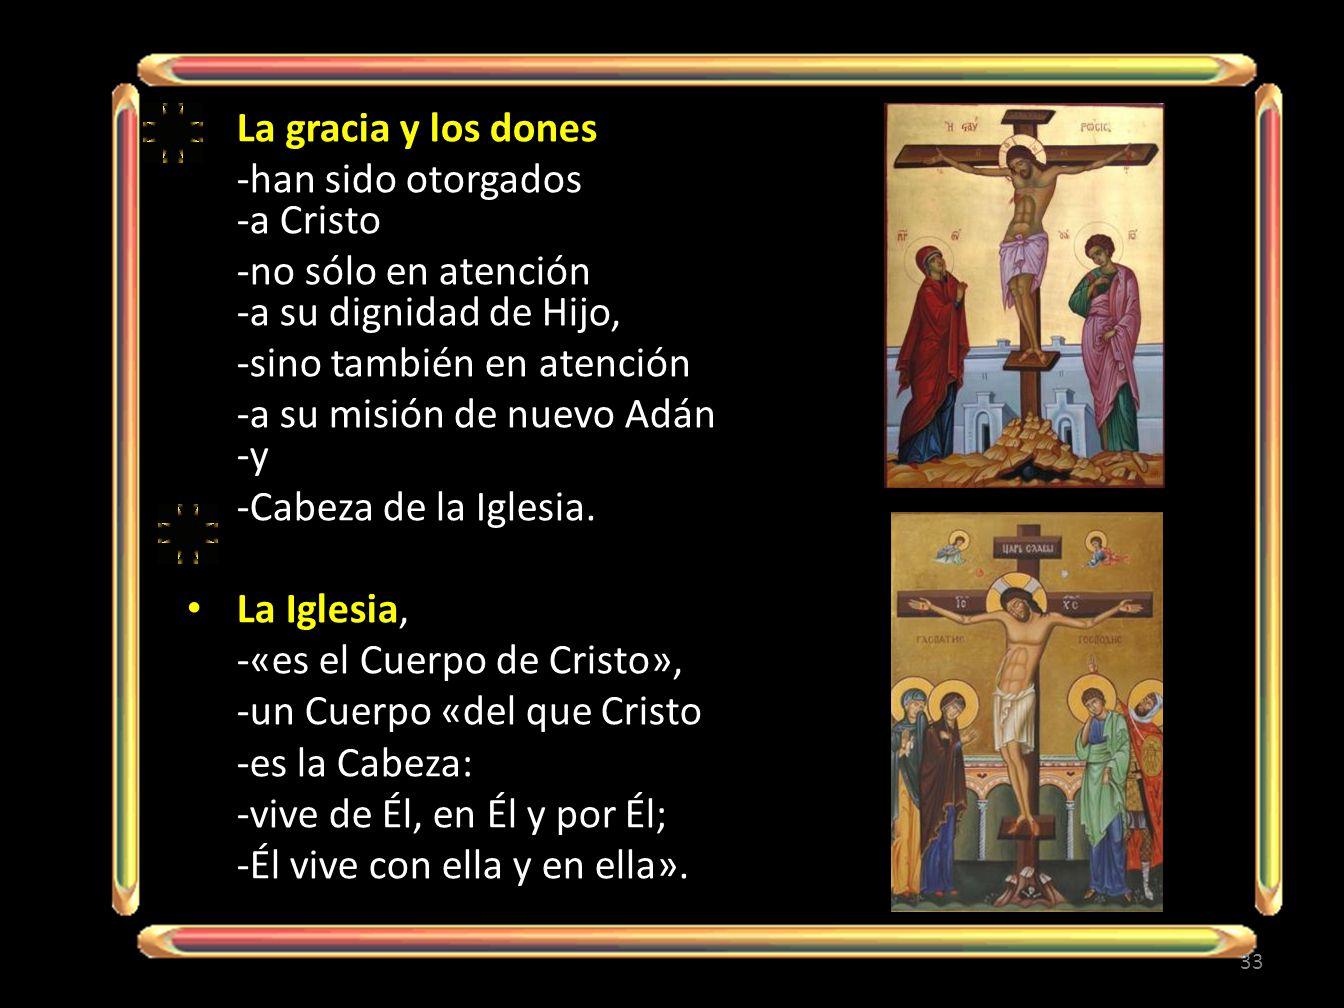 La gracia y los dones -han sido otorgados -a Cristo. -no sólo en atención -a su dignidad de Hijo,